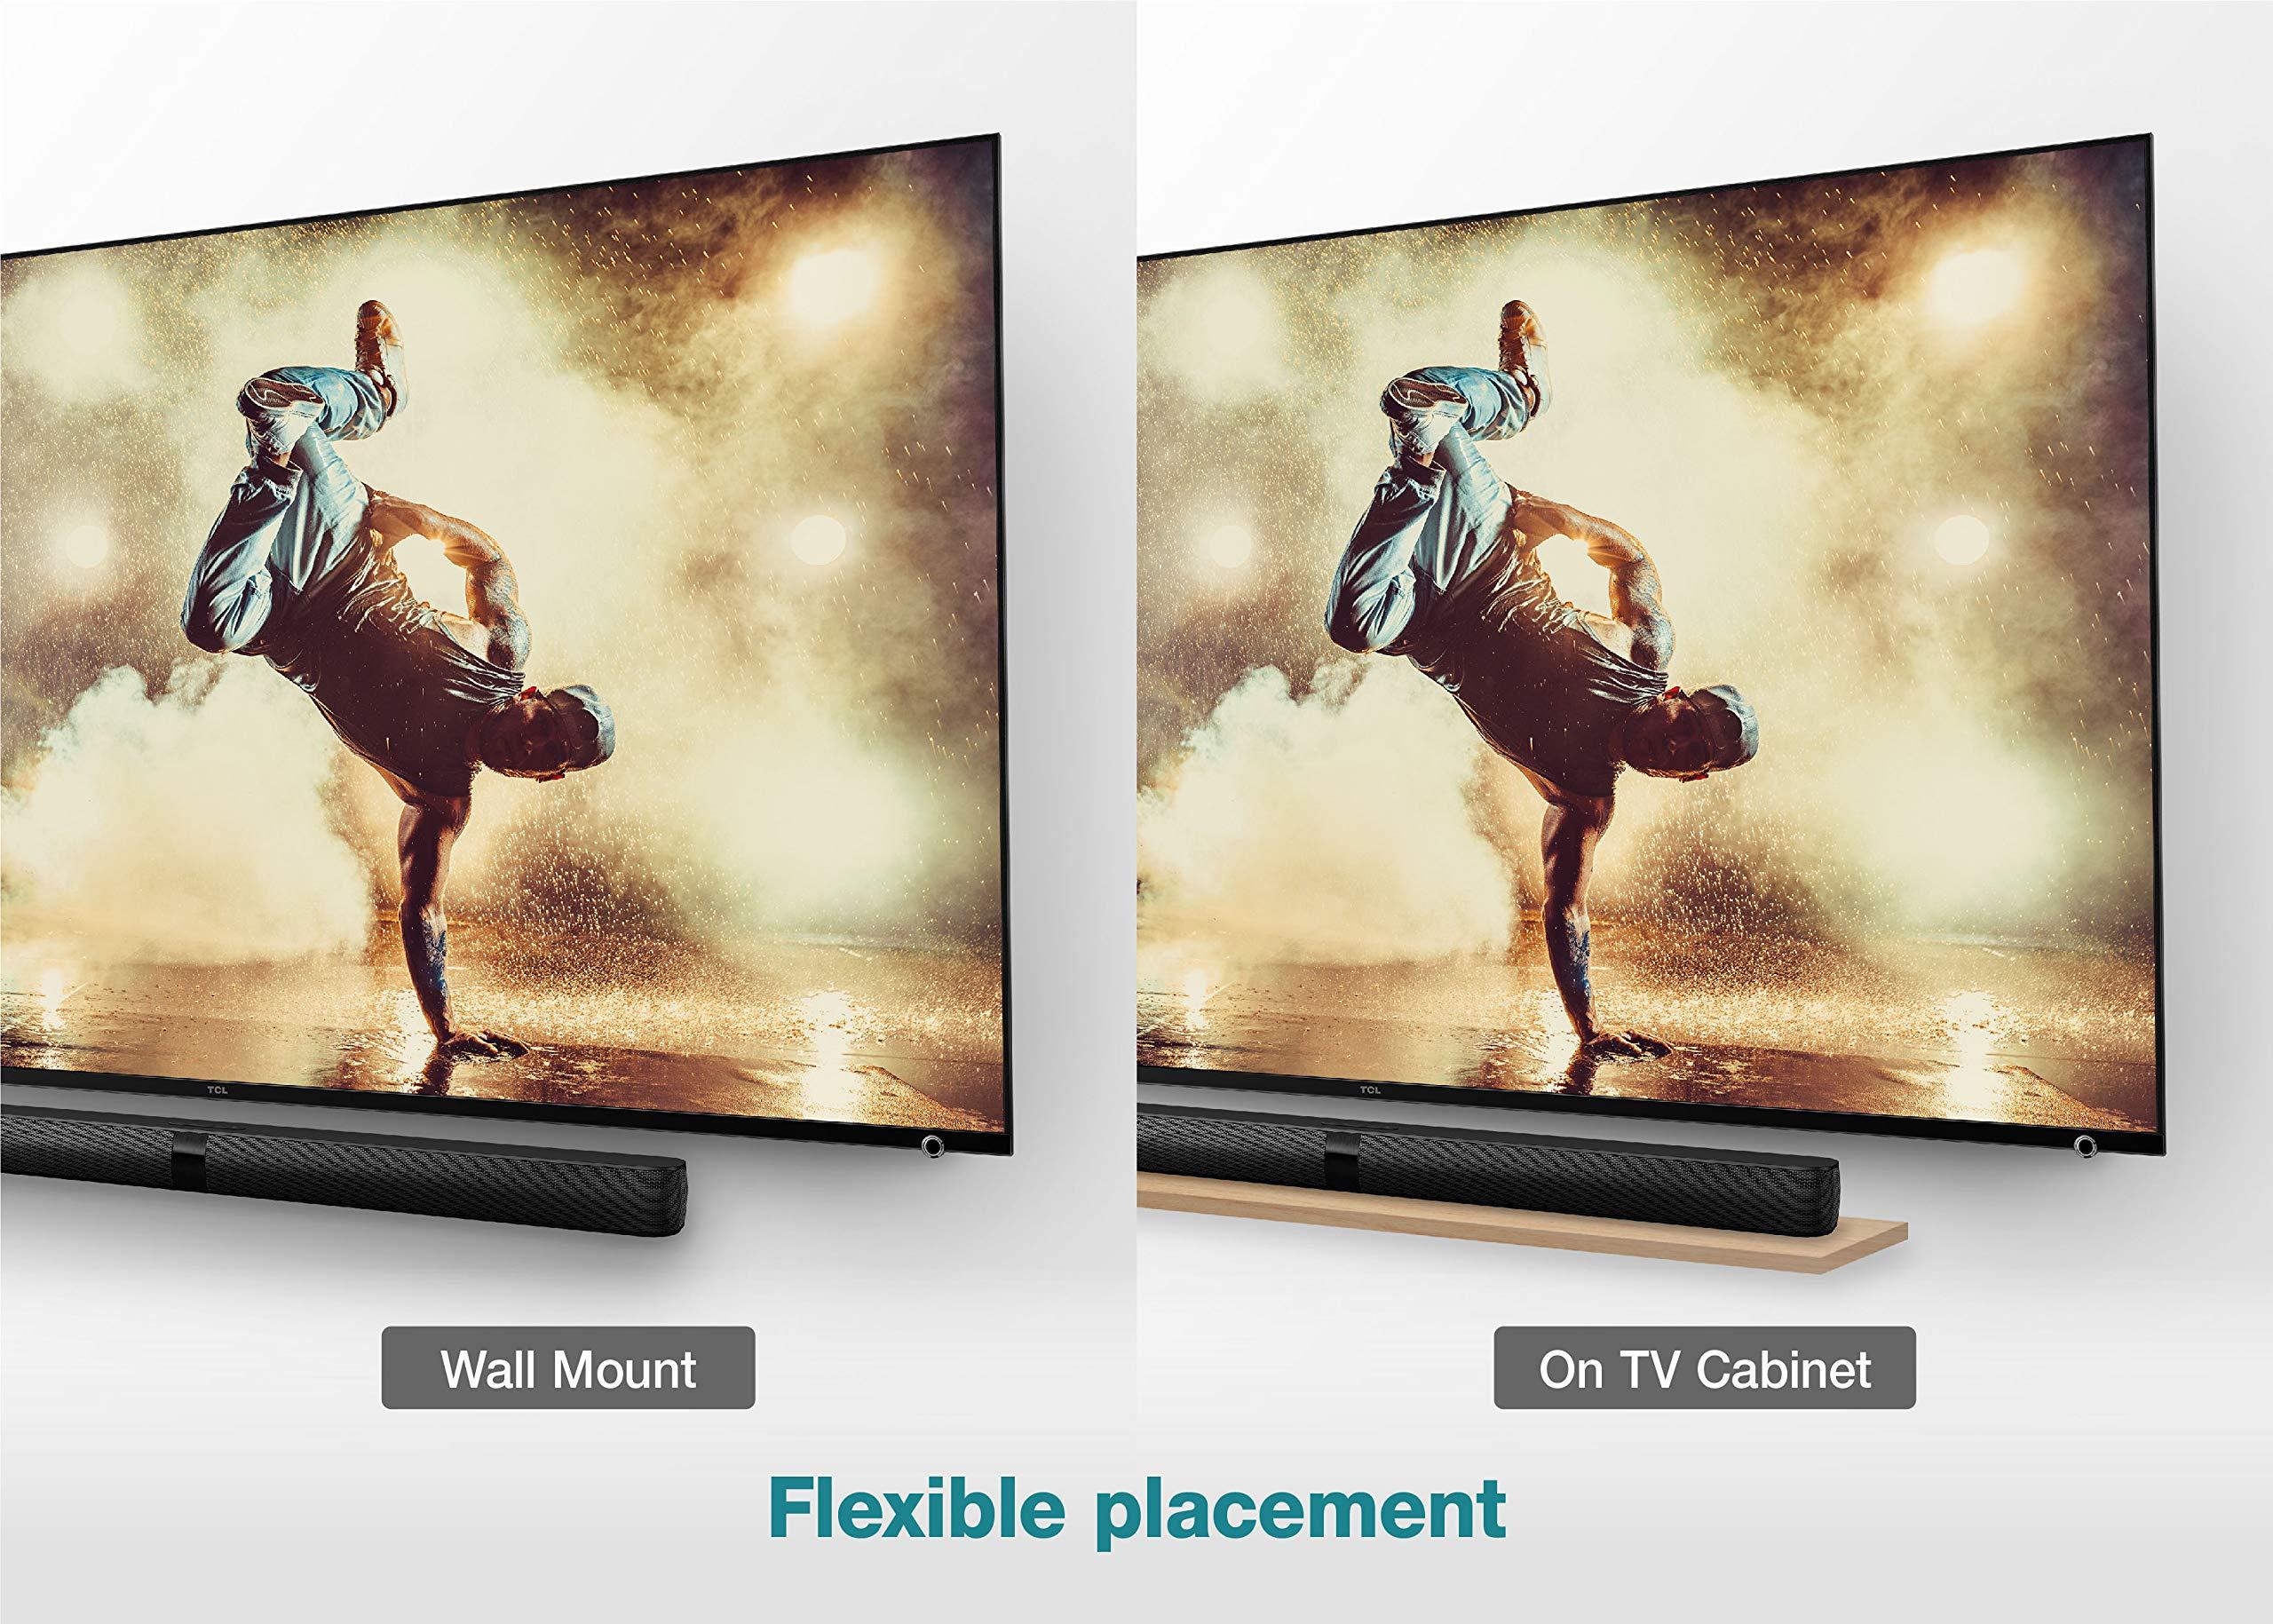 Barra de sonido TCL TS7010 (92 cm) para TV con subwoofer (Bluetooth, canal de sonido 2.1, 160 vatios, HDMI ARC, dolby digital, entrada AUX de 3,5 mm, mando a distancia), color negro: Amazon.es: Electrónica